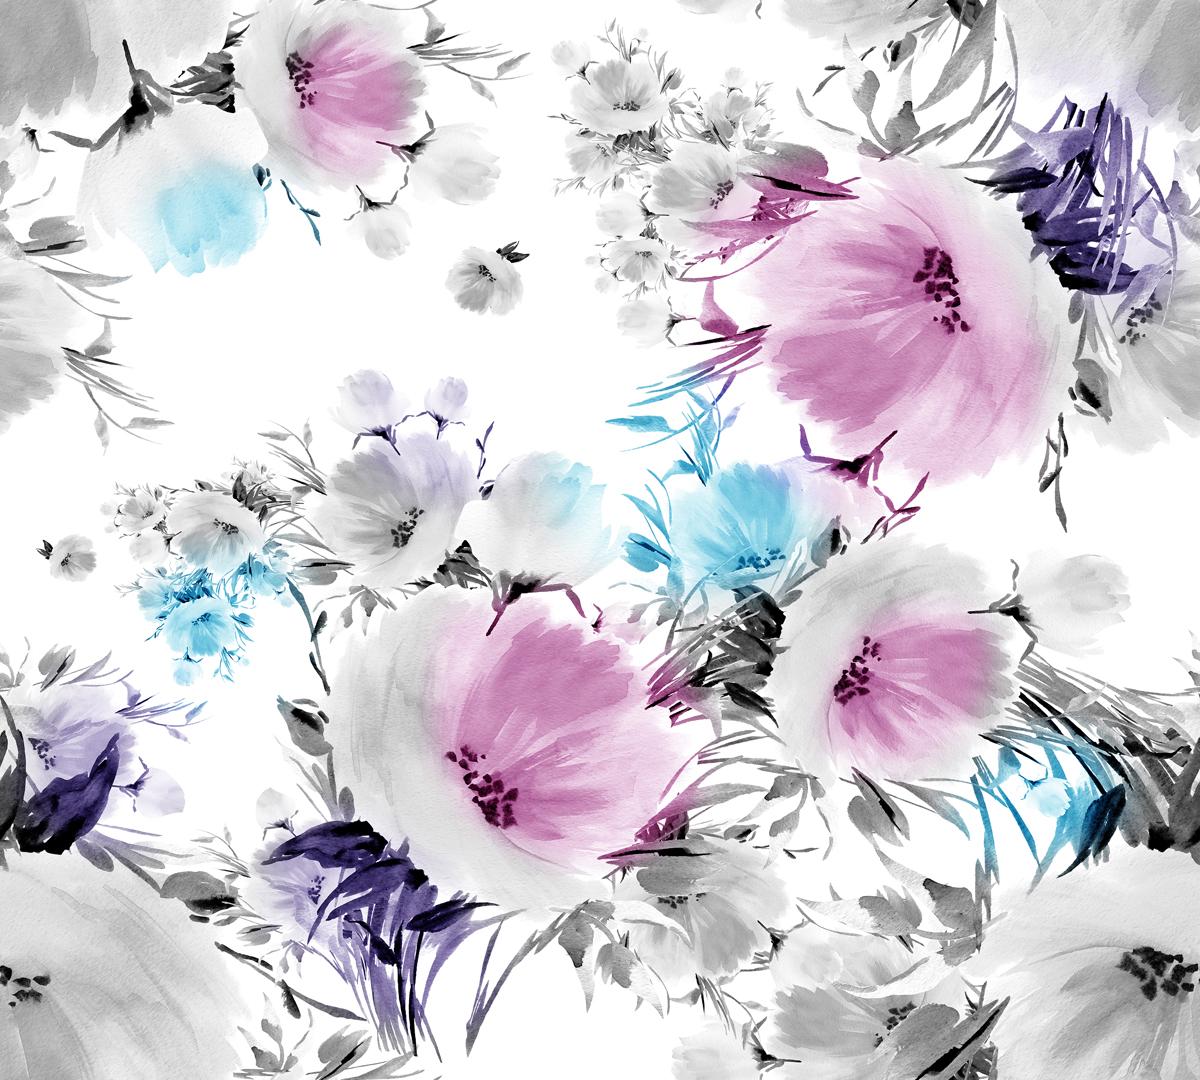 Фотообои Barton Wallpapers Цветы, 300 x 270 см. F01303RG-D31SФотообои Barton Wallpapers позволят создать неповторимый облик помещения, в котором они размещены. Фотообои наносятся на стены тем же способом, что и обычные обои. Рельефная структура основы делает фотообои необычными, неповторимыми, глубокими и манящими.Фотообои снова вошли в нашу жизнь, став модным направлением декорирования интерьера. Выбрав правильную фактуру и сюжет изображения можно добиться невероятного эффекта живого присутствия.